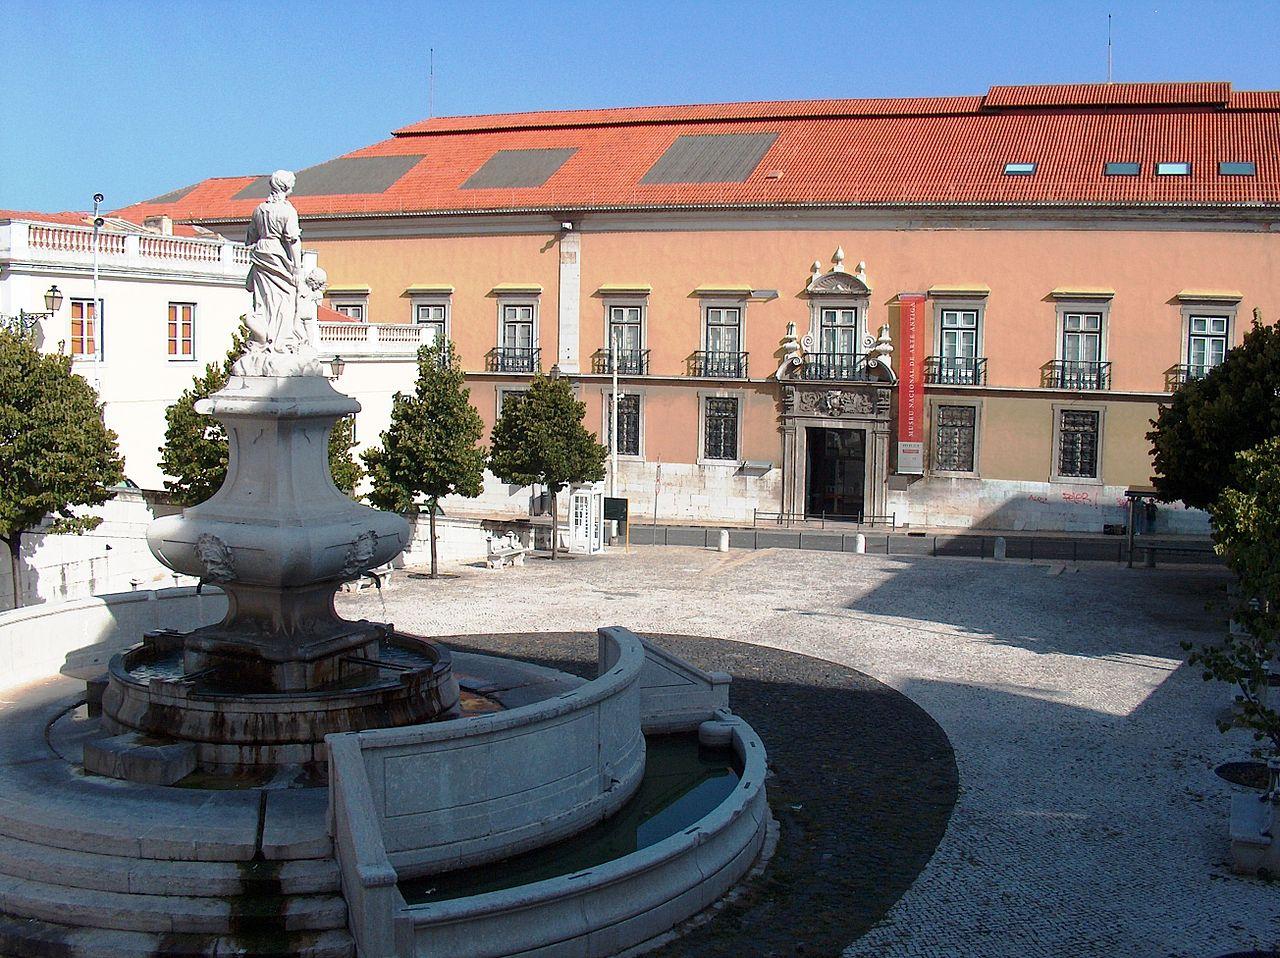 Национальный музей старинного искусства, фонтан во дворе